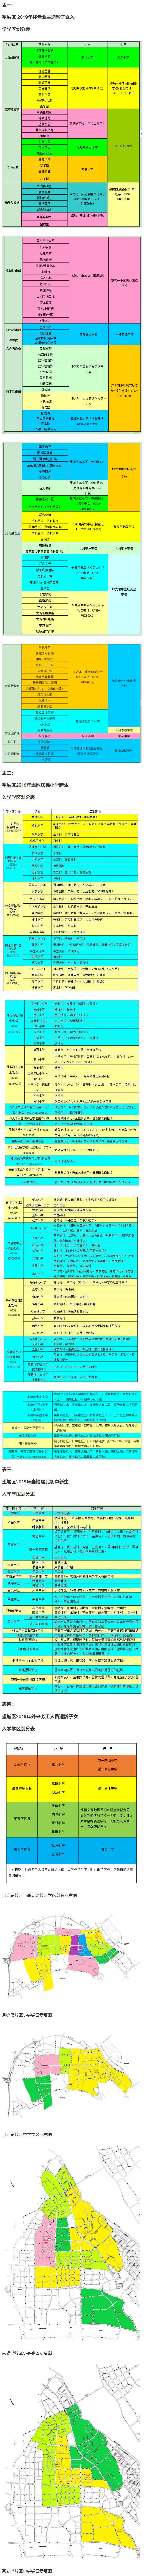 2019年望城区学区划分出炉(附学区划分表)